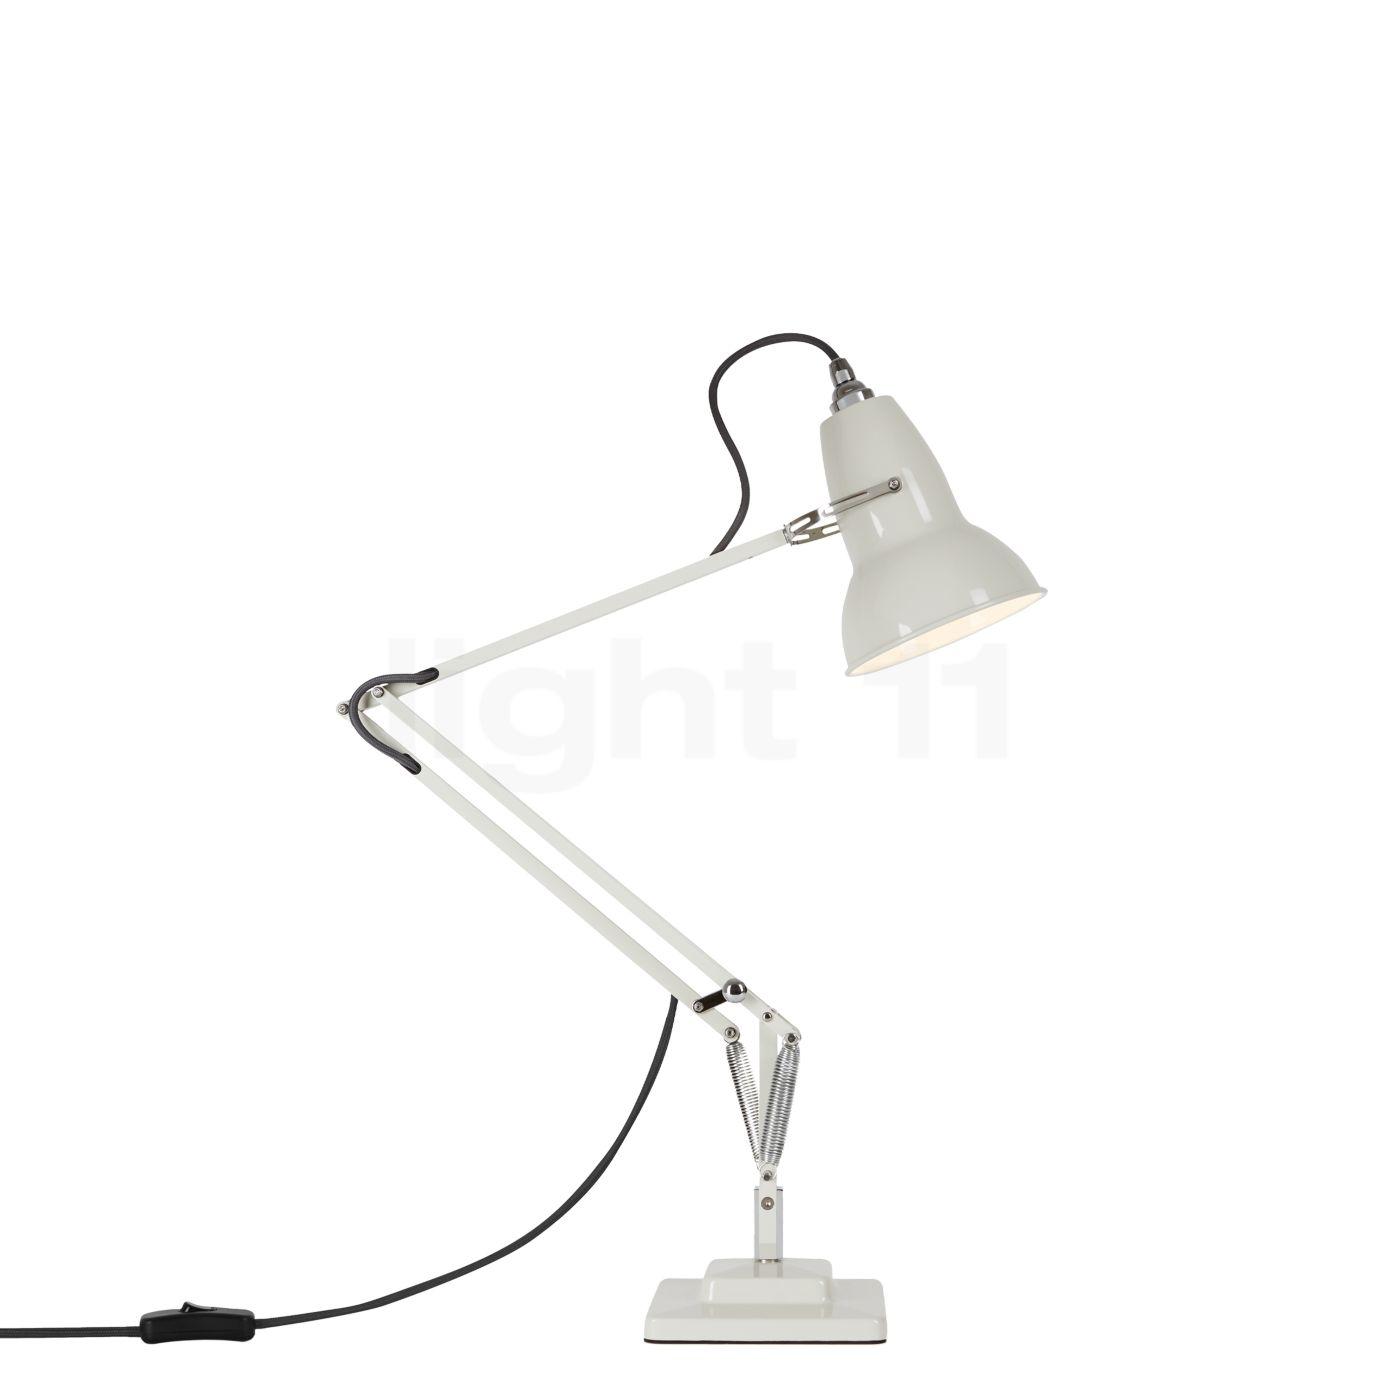 Anglepoise original 1227 lampe de bureau en vente sur - Lampe de bureau originale ...